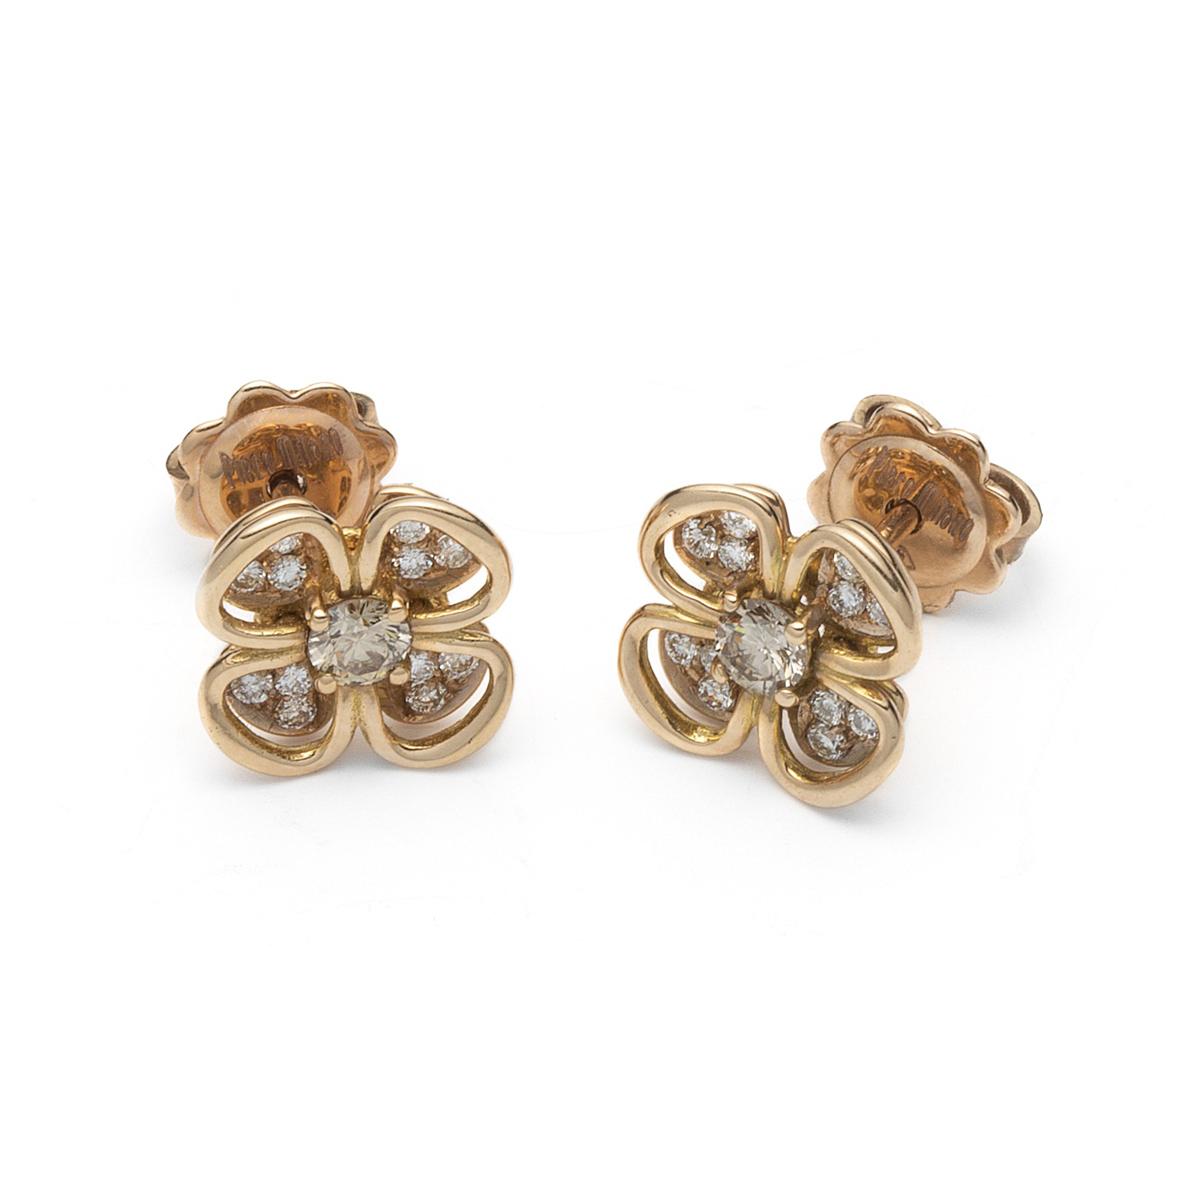 Four-Leaf Clover Diamond Earrings